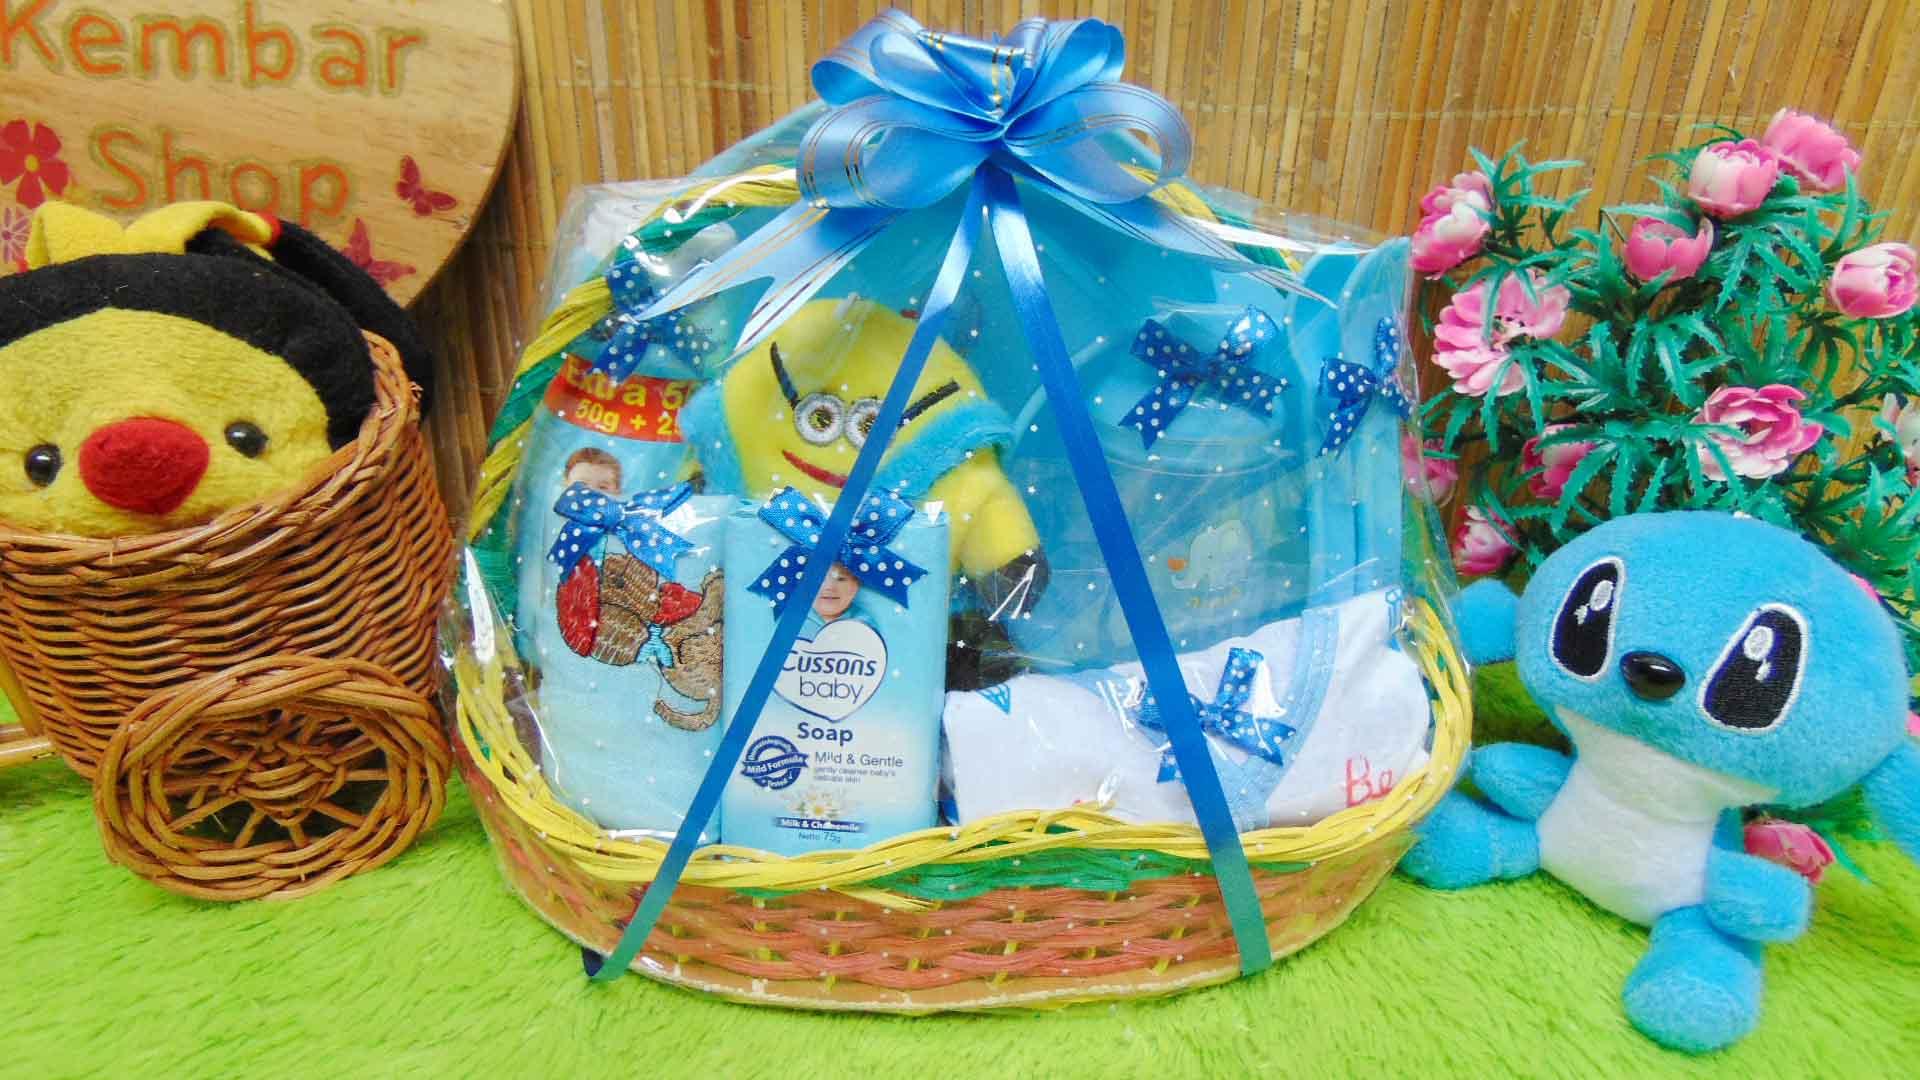 fto utama paket kado bayi baby gift kado lahiran parcel bayi parsel kado bayi keranjang tempat makan bayi tangkai feeding set rainbow ekonomis (2)